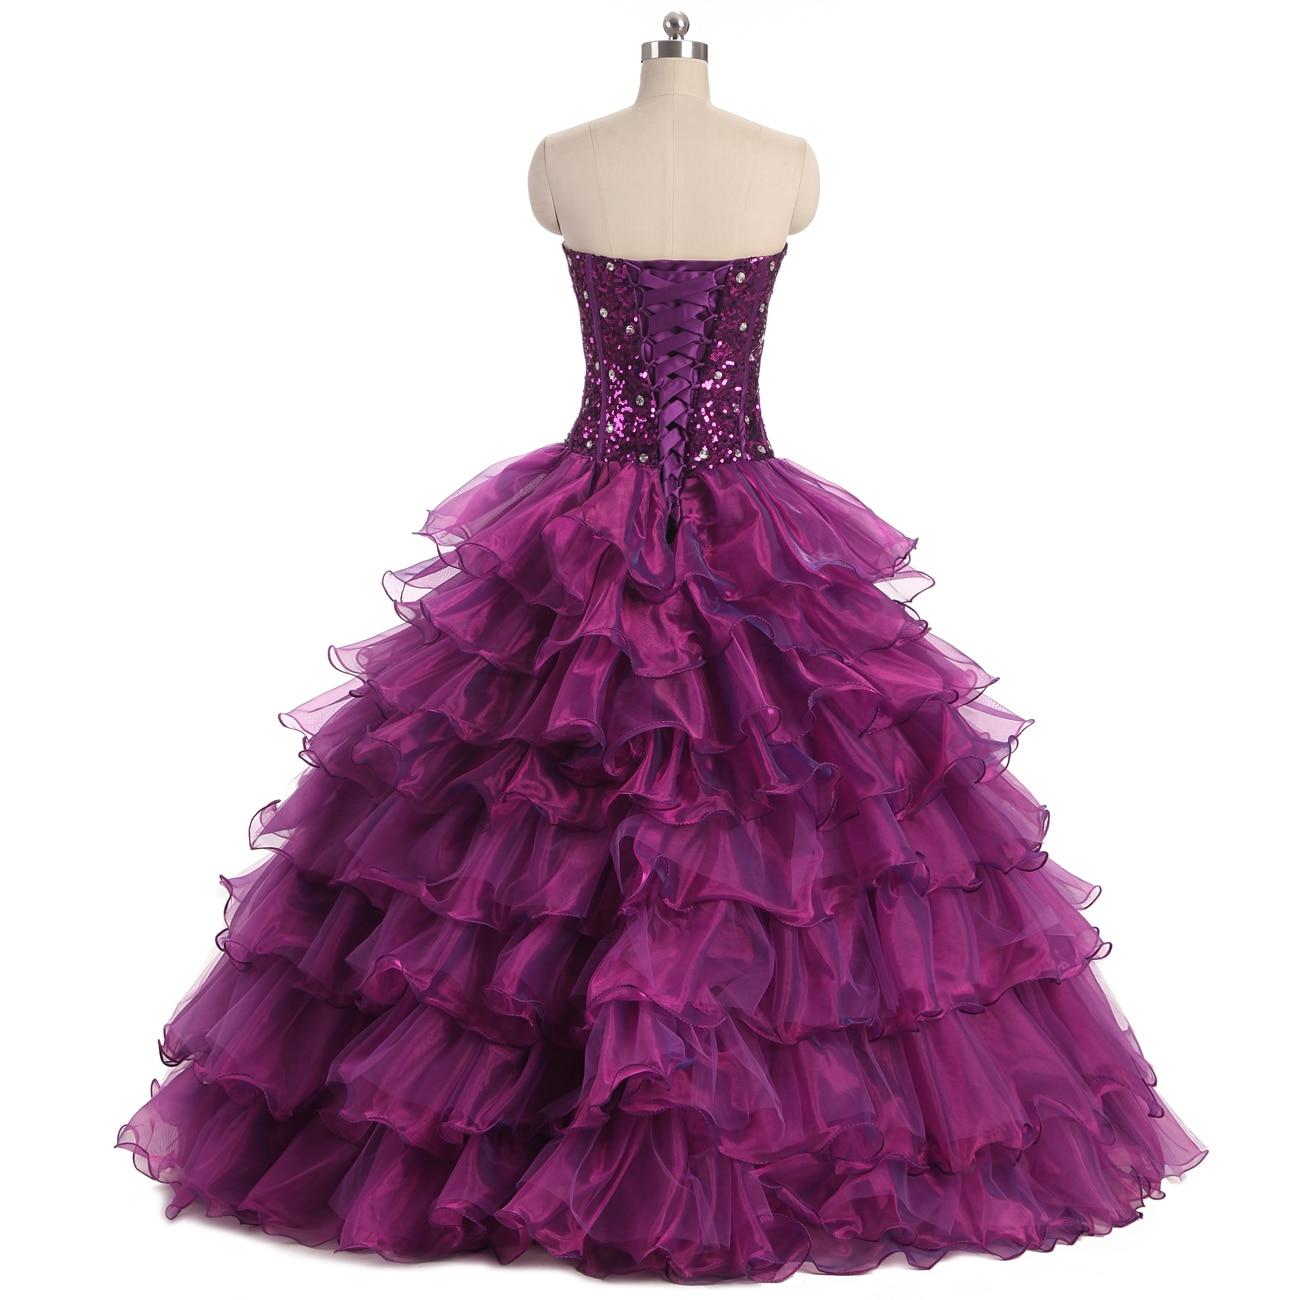 2017 nieuwe sweetheart paarse jurken organza sweet 16 jurken - Jurken voor bijzondere gelegenheden - Foto 2